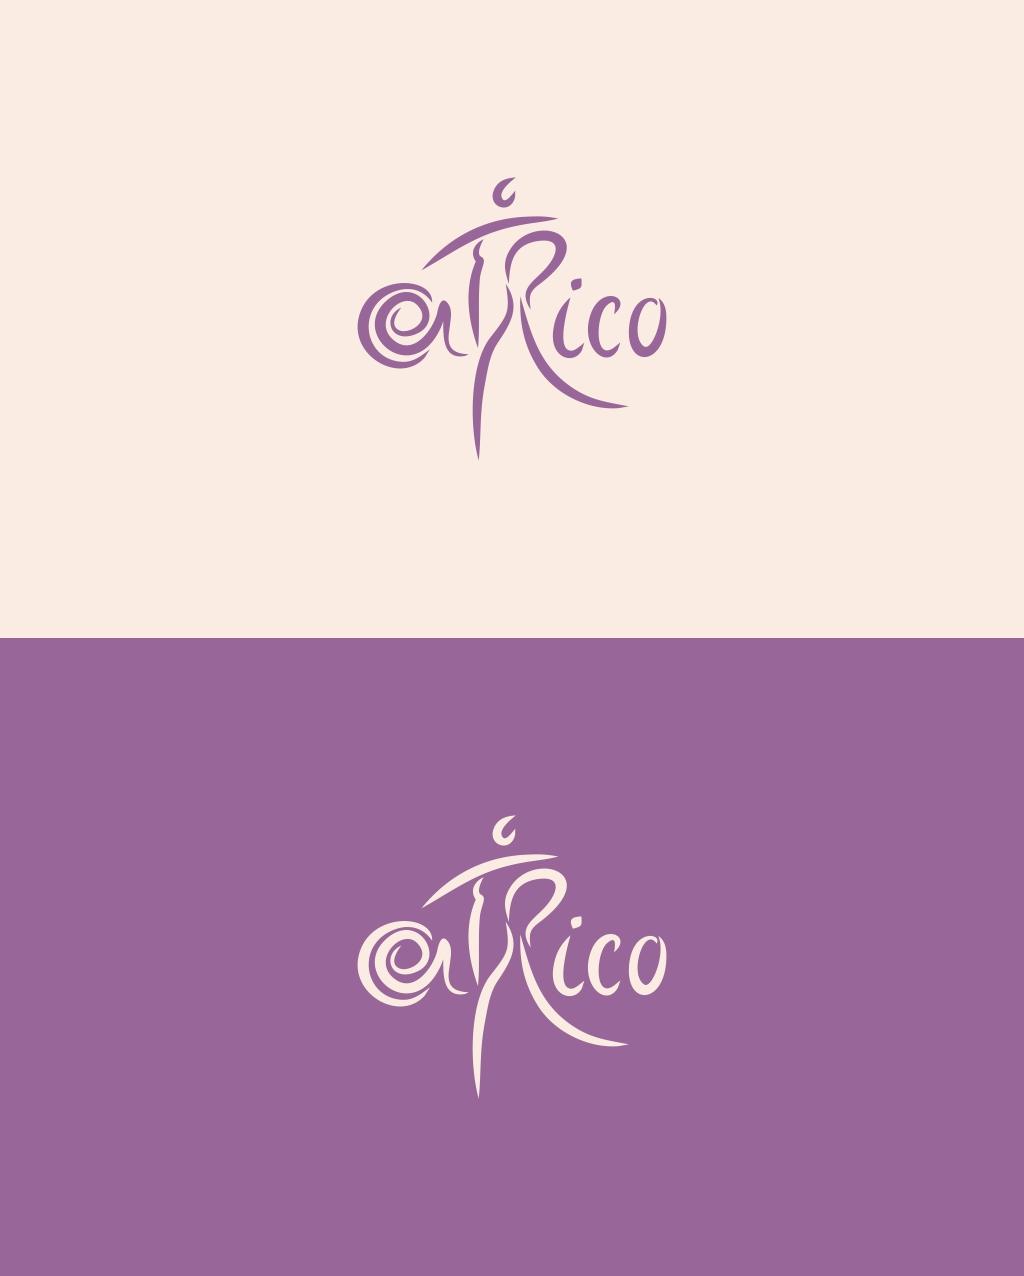 Логотип для брендовой пряжи и трикотажной одежды фото f_2375ffeaf01b23d8.jpg